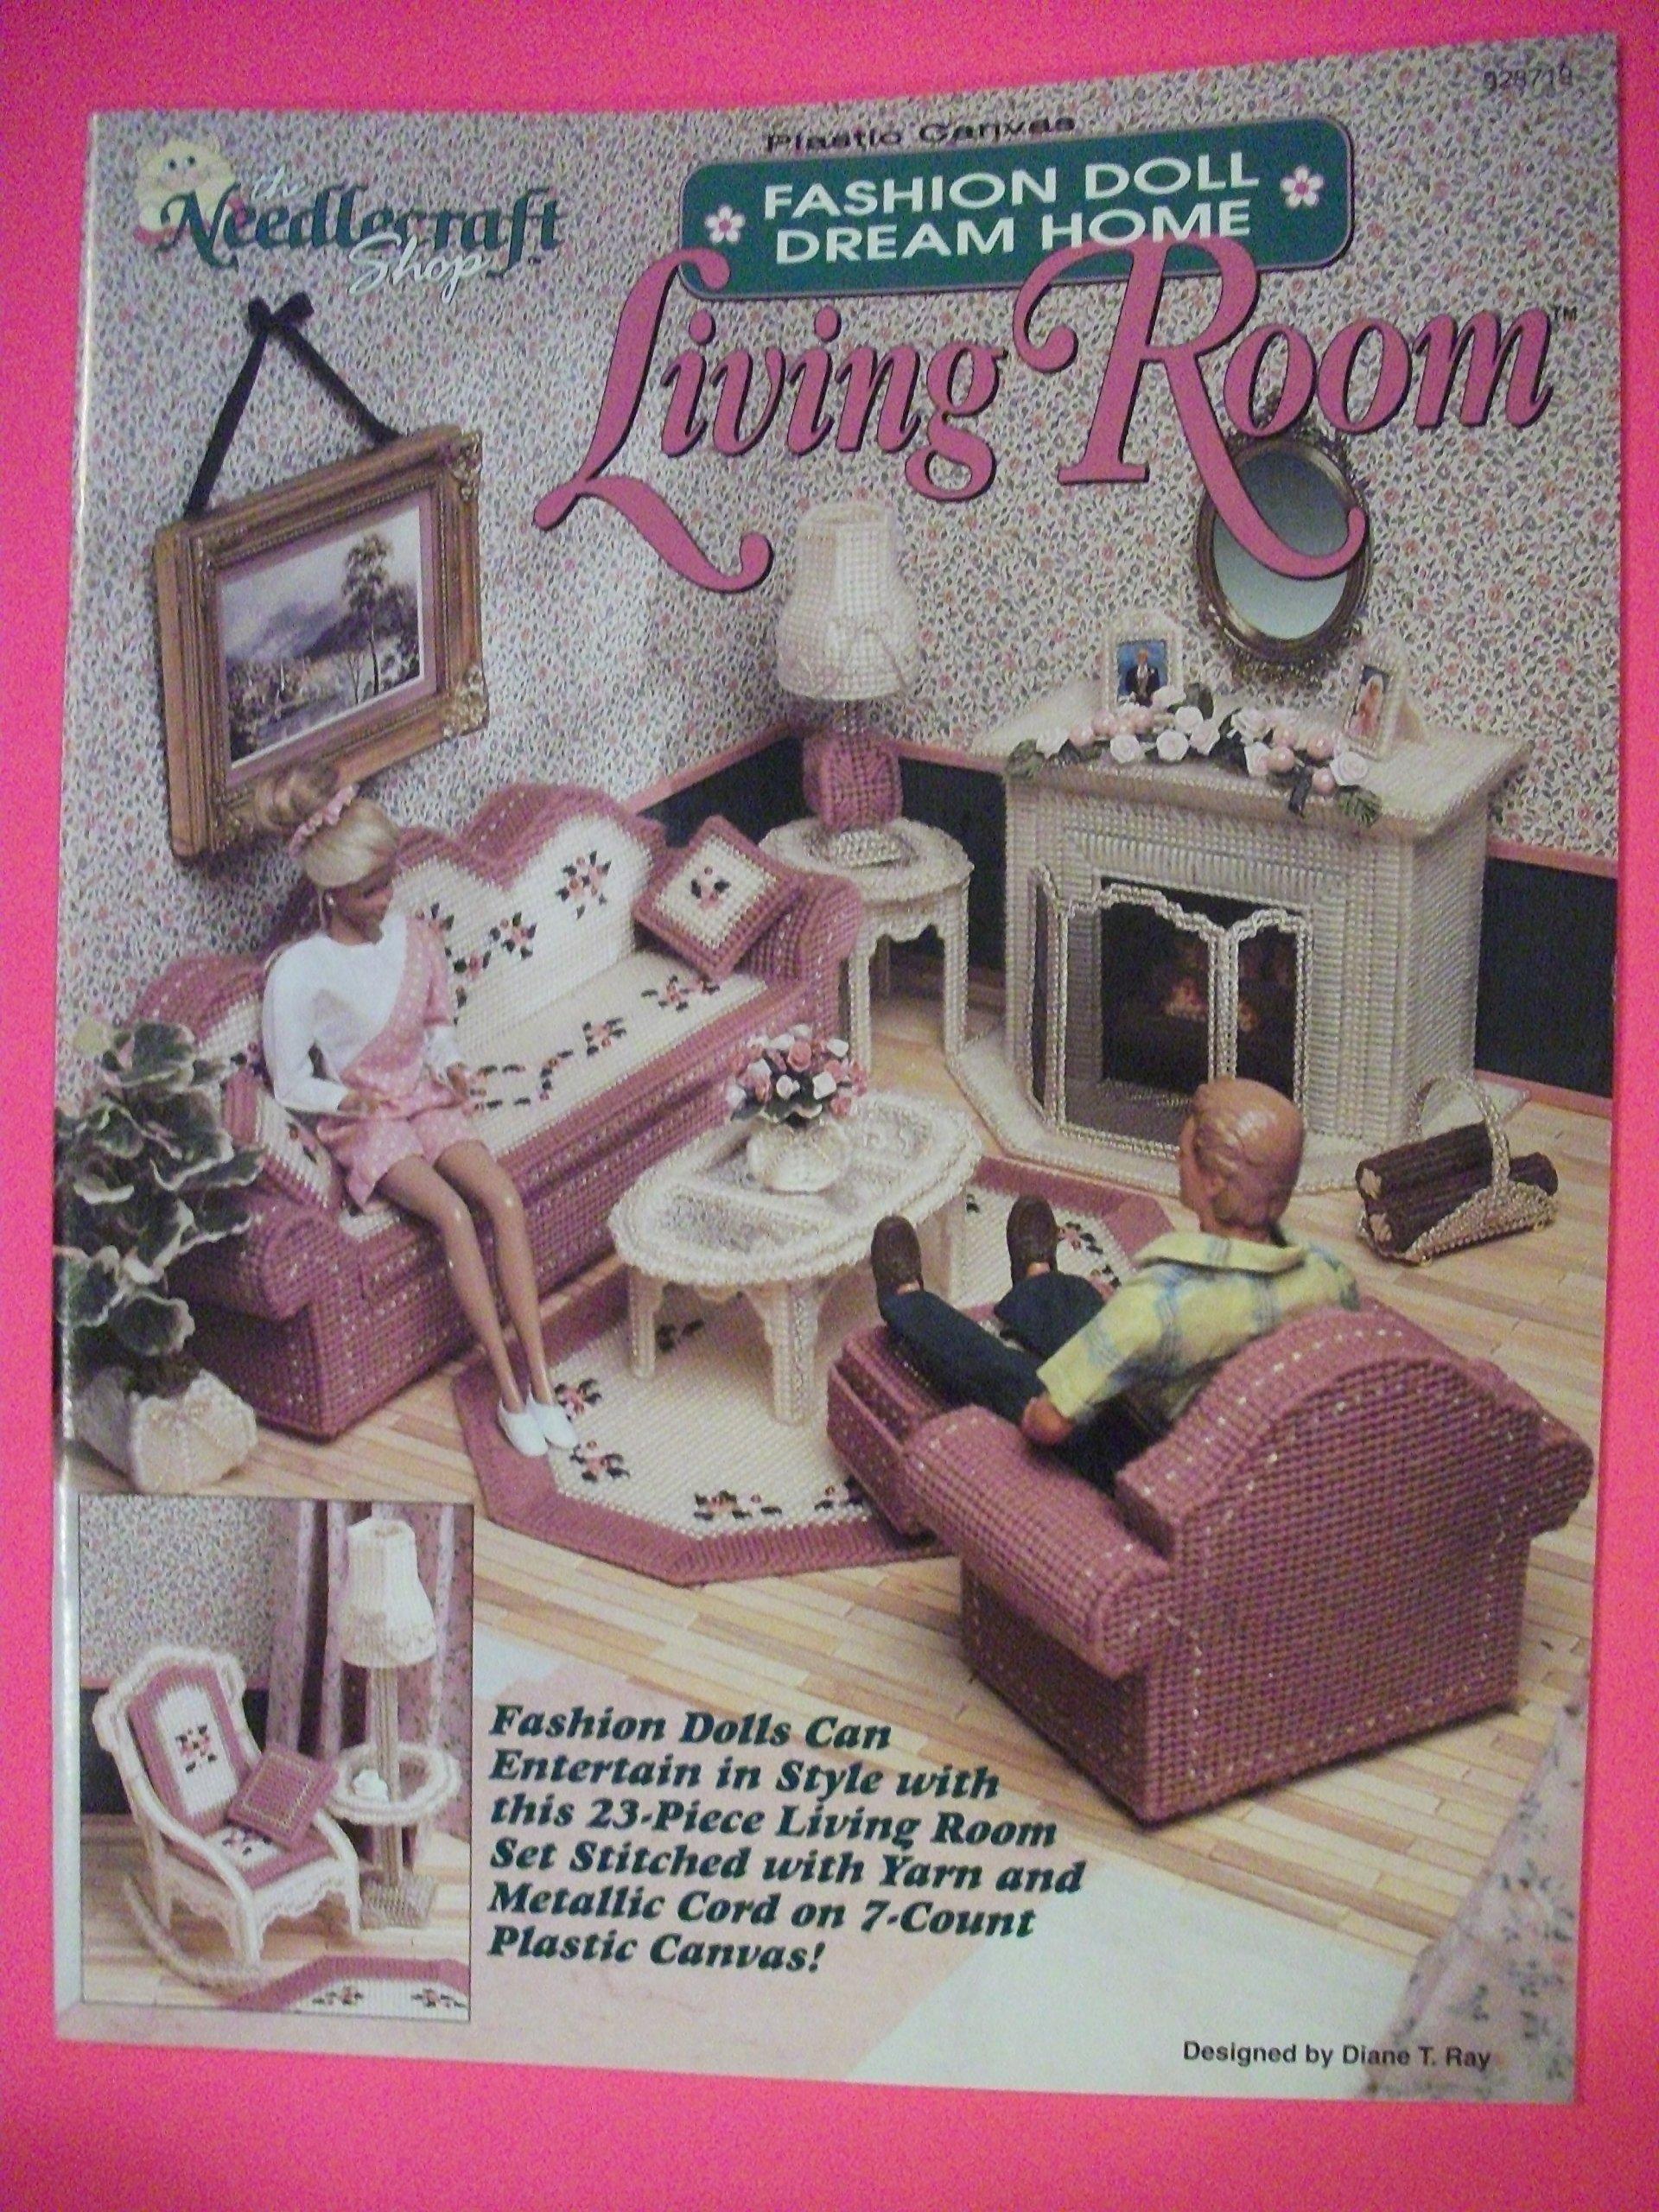 Fashion Doll Dream Home Living Room